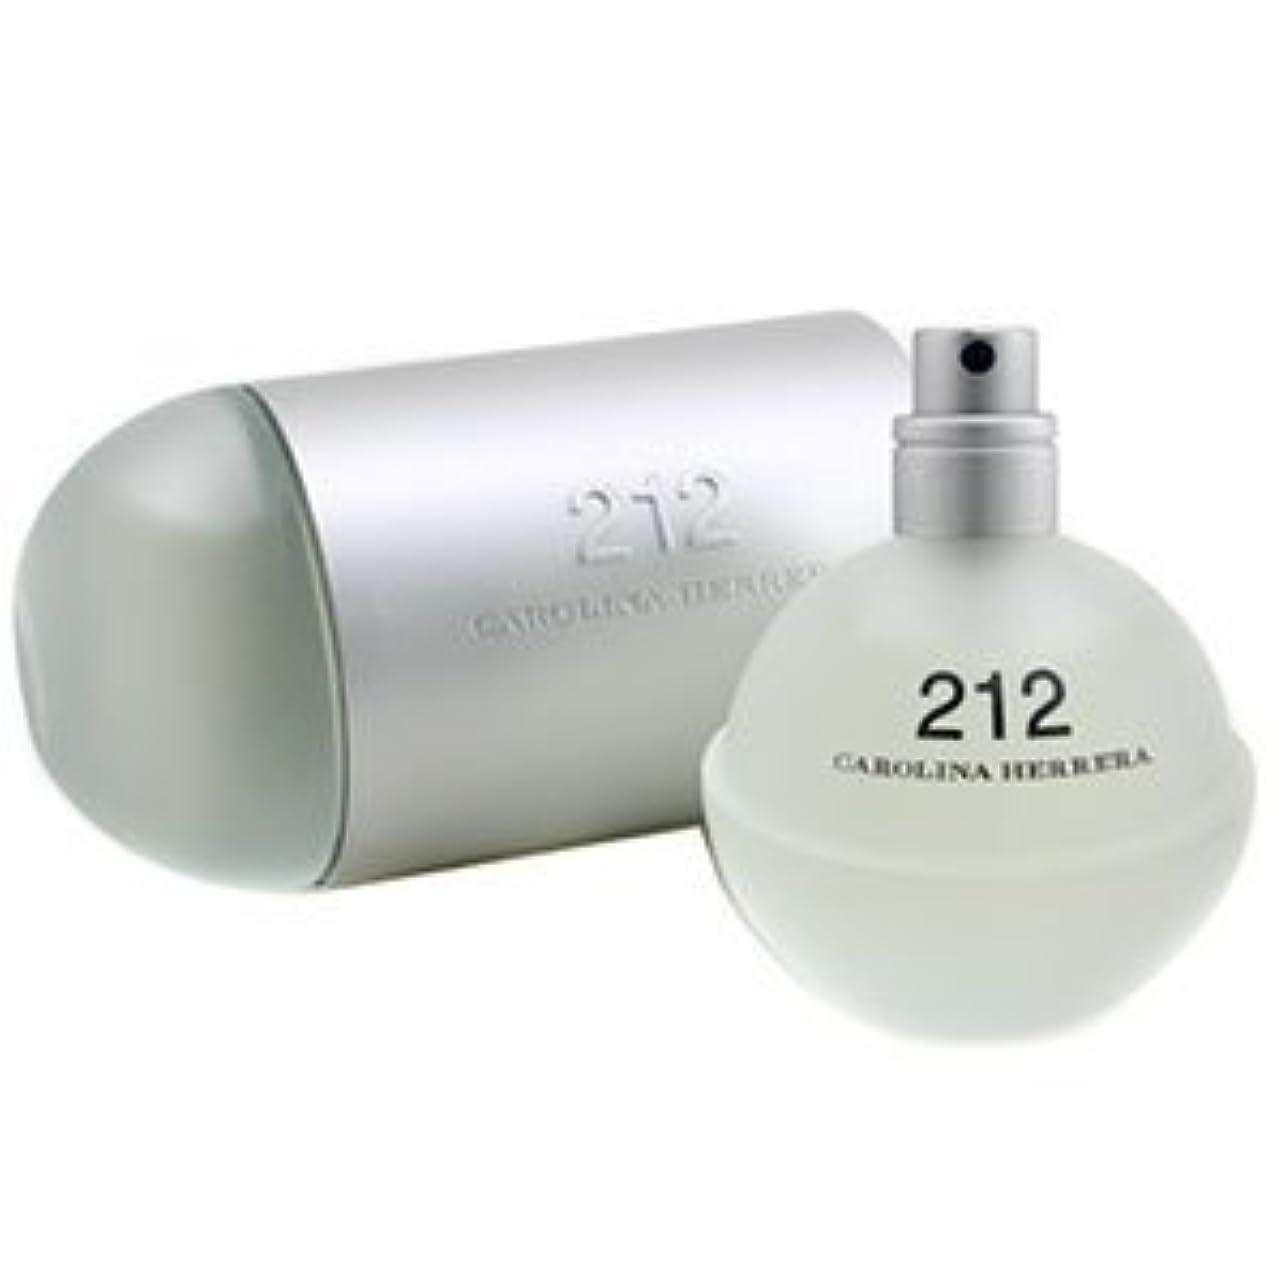 分解する朝パパキャロライナ ヘレラ 香水 212 EDT SP 60ml ( 30ml ×2) 【並行輸入品】